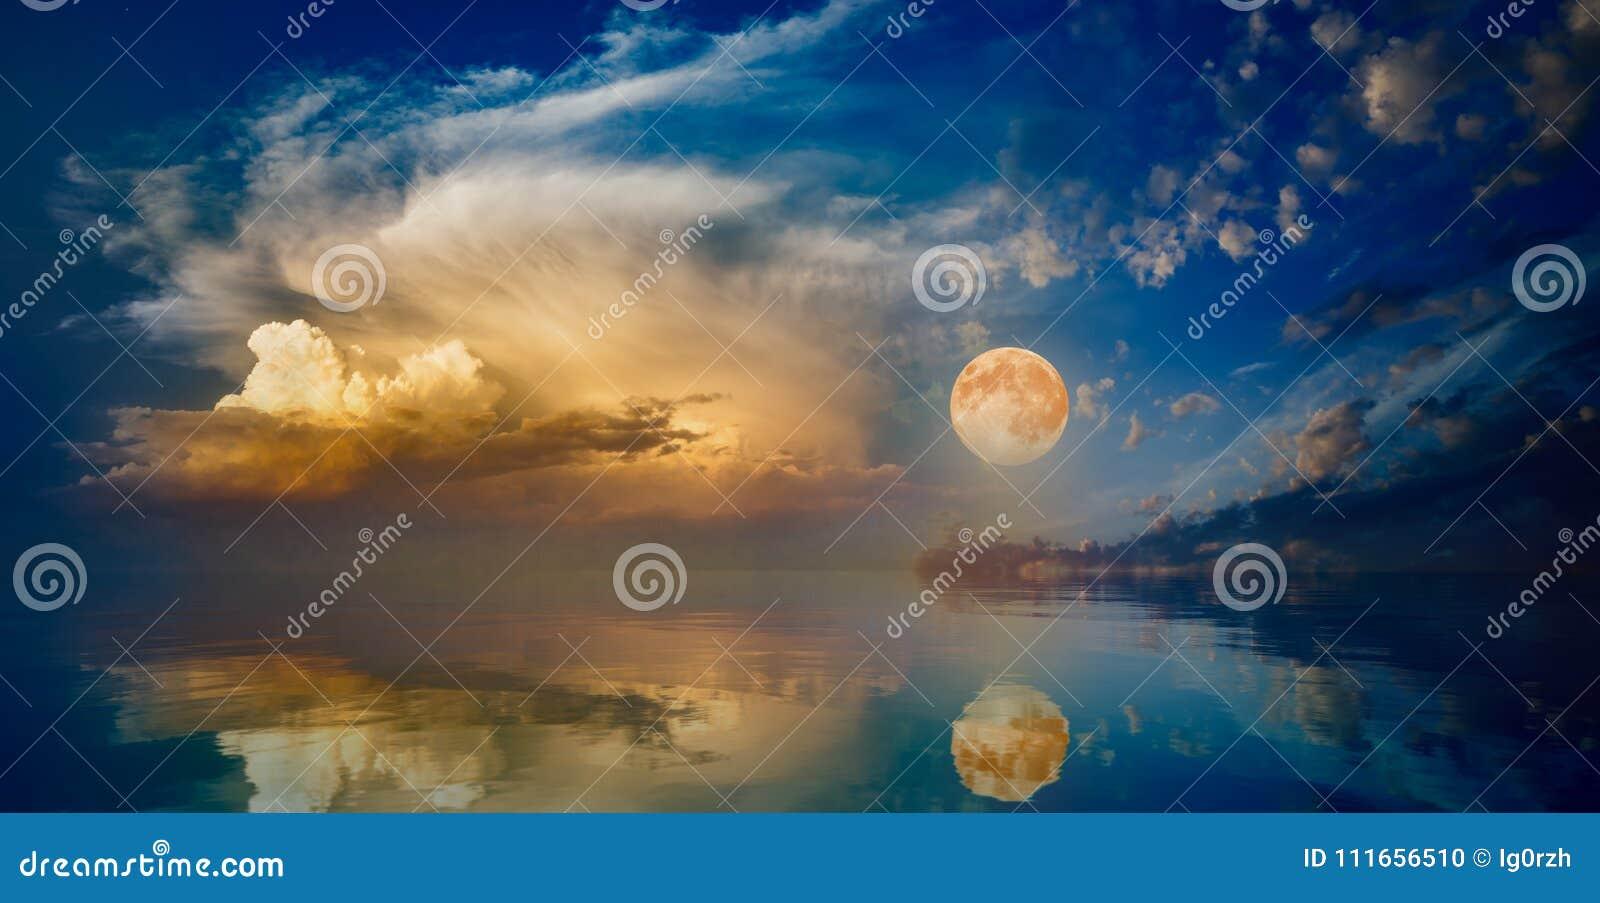 上升在日落天空的平静的海上的满月